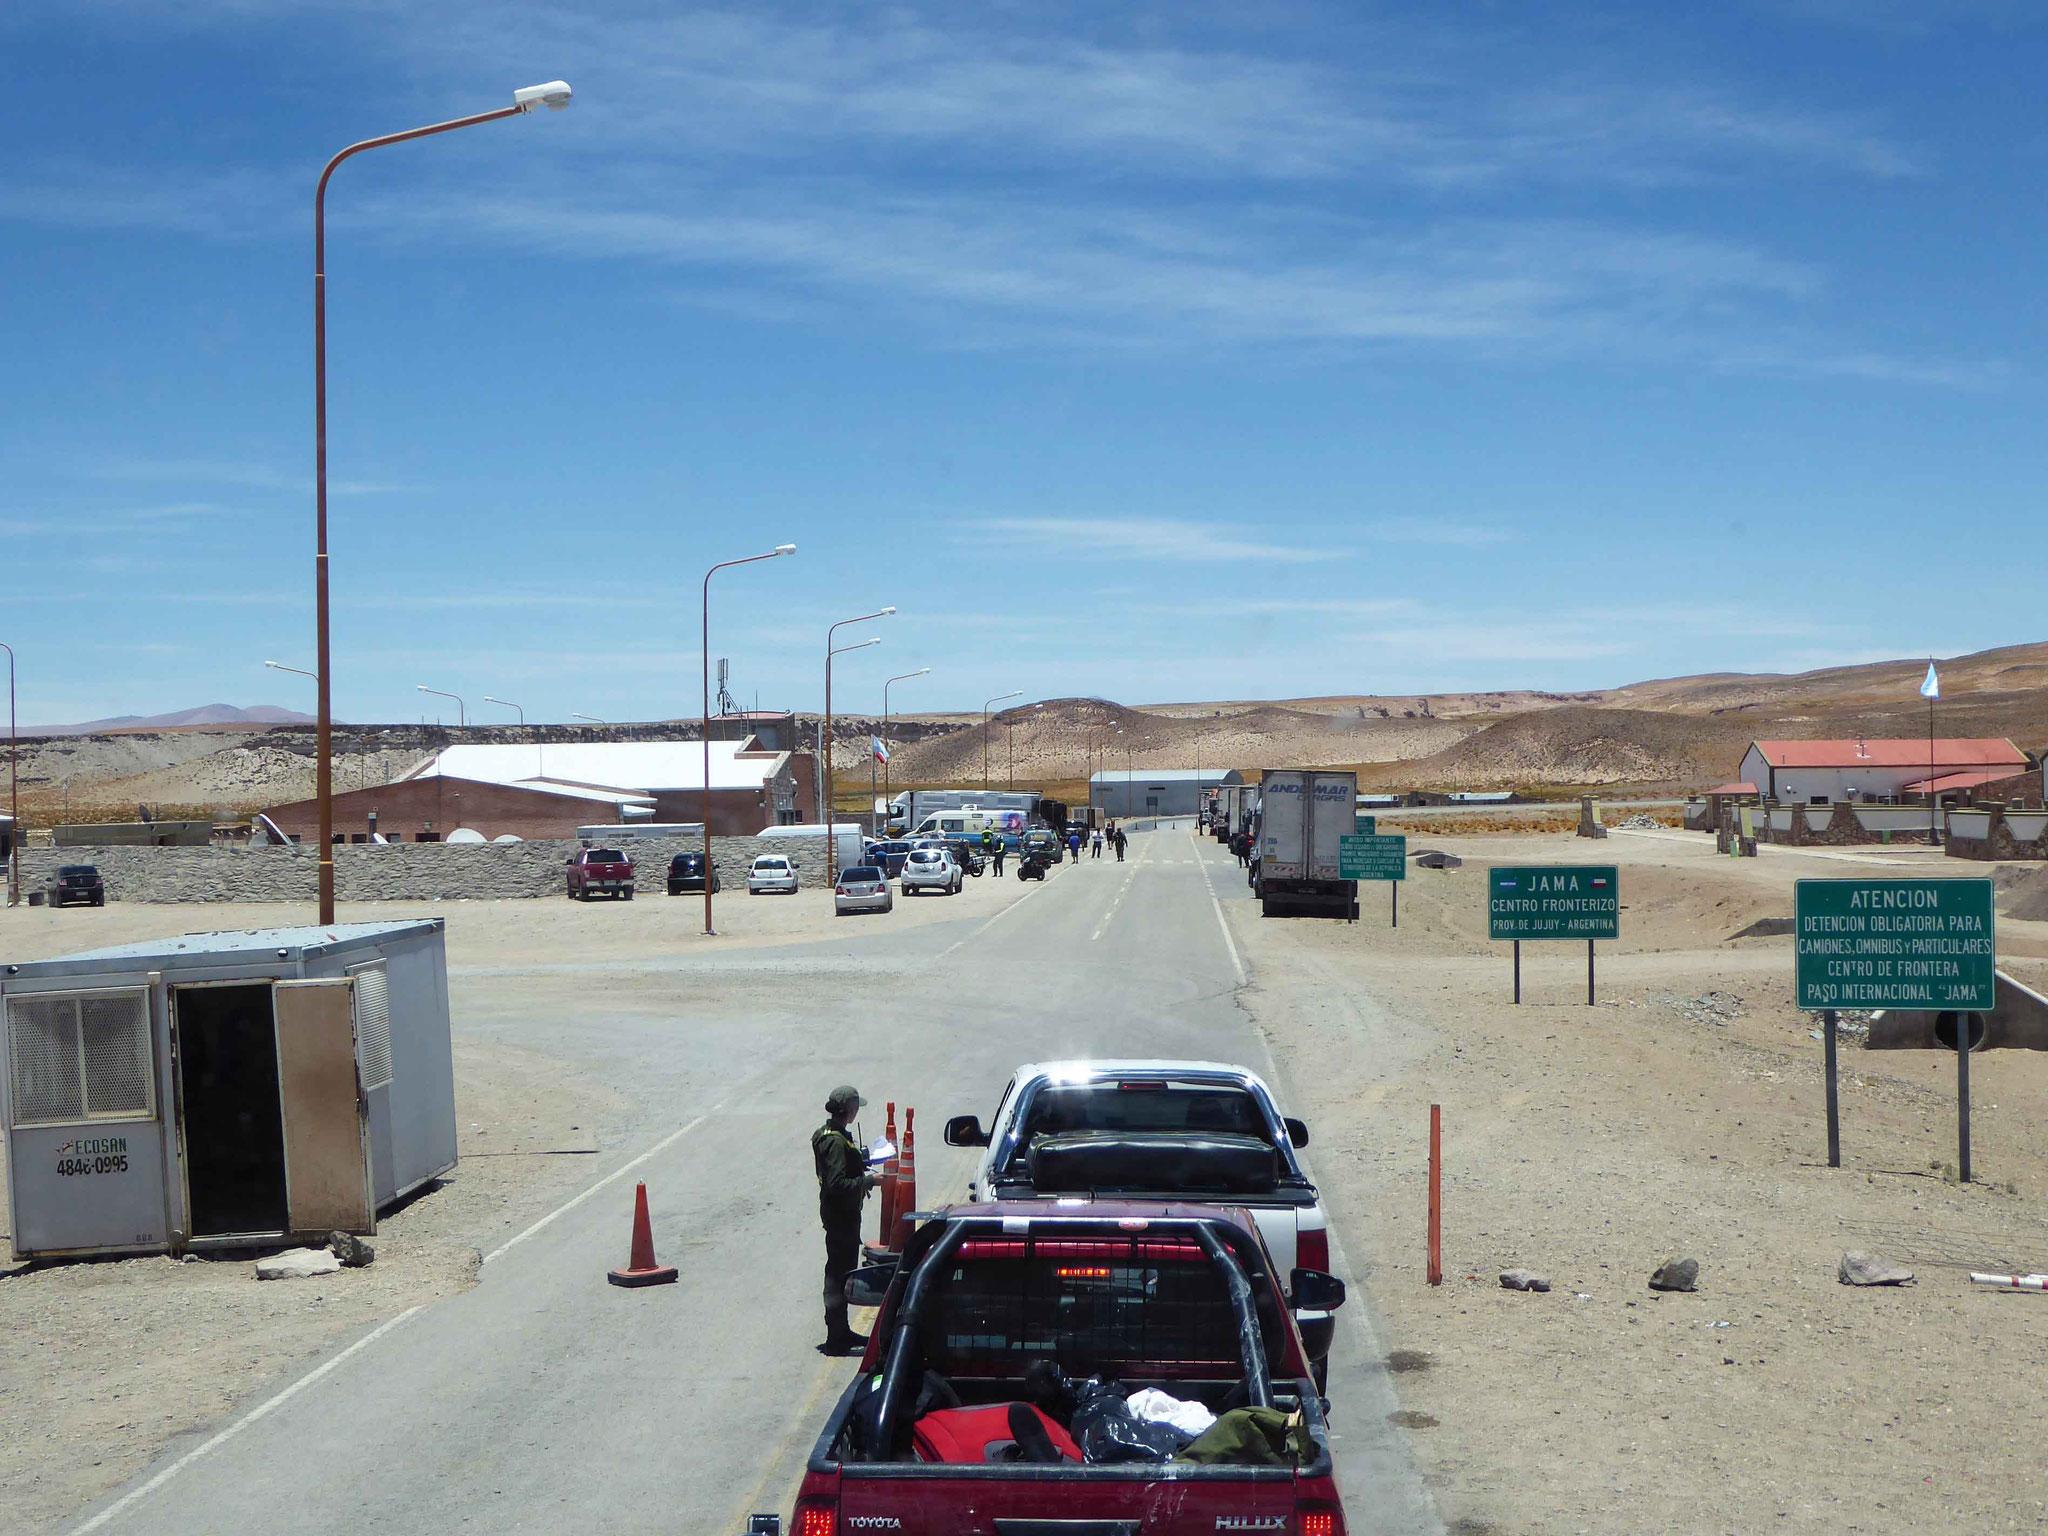 Passage de la frontière Argentine-Chili à Paso de Jama (4225 m)